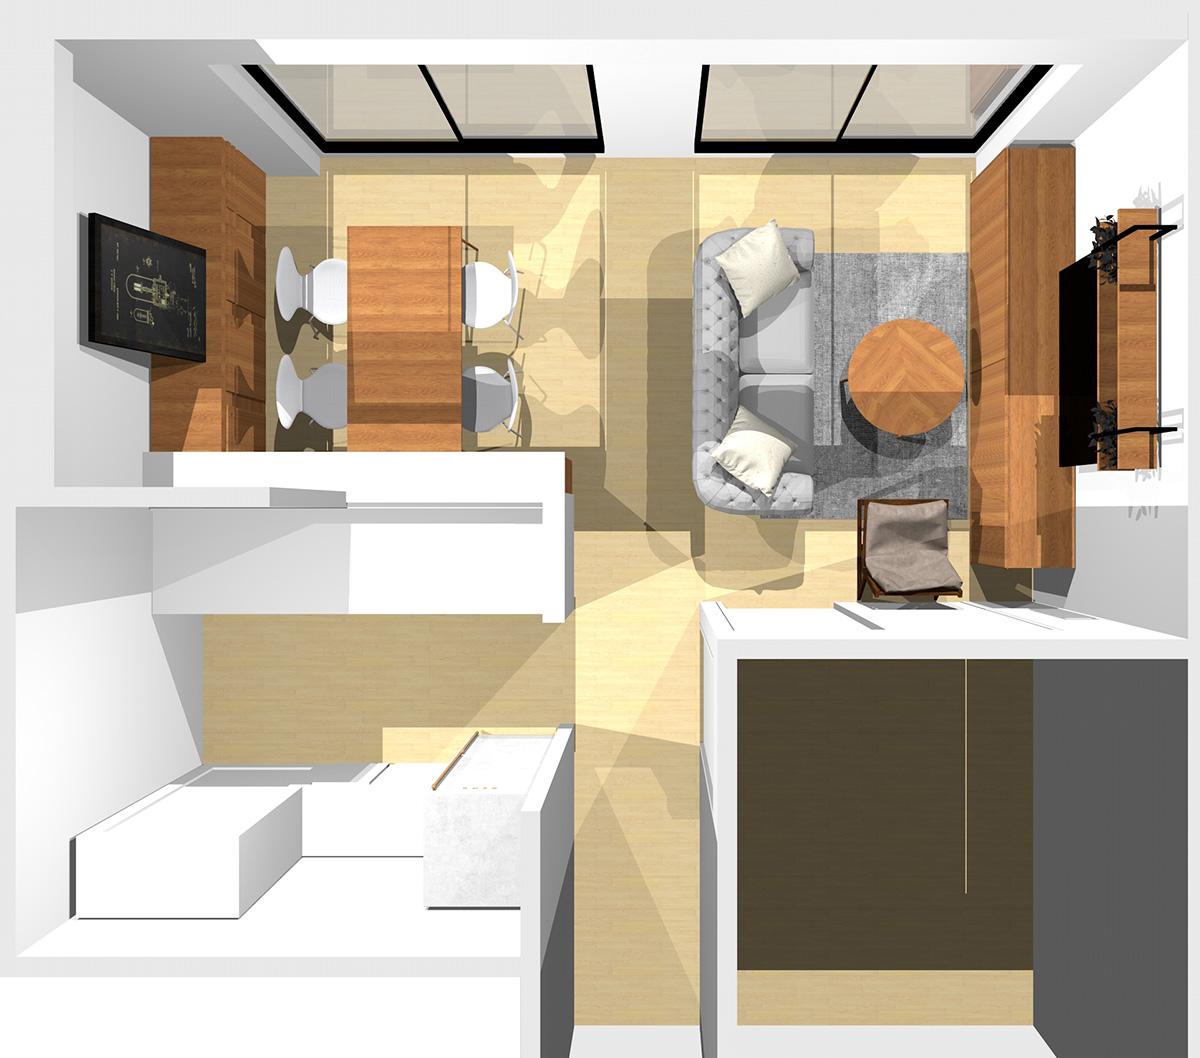 ①②③に家具、通路にコーナーソファ、④にラウンジチェアを置いた横長リビング